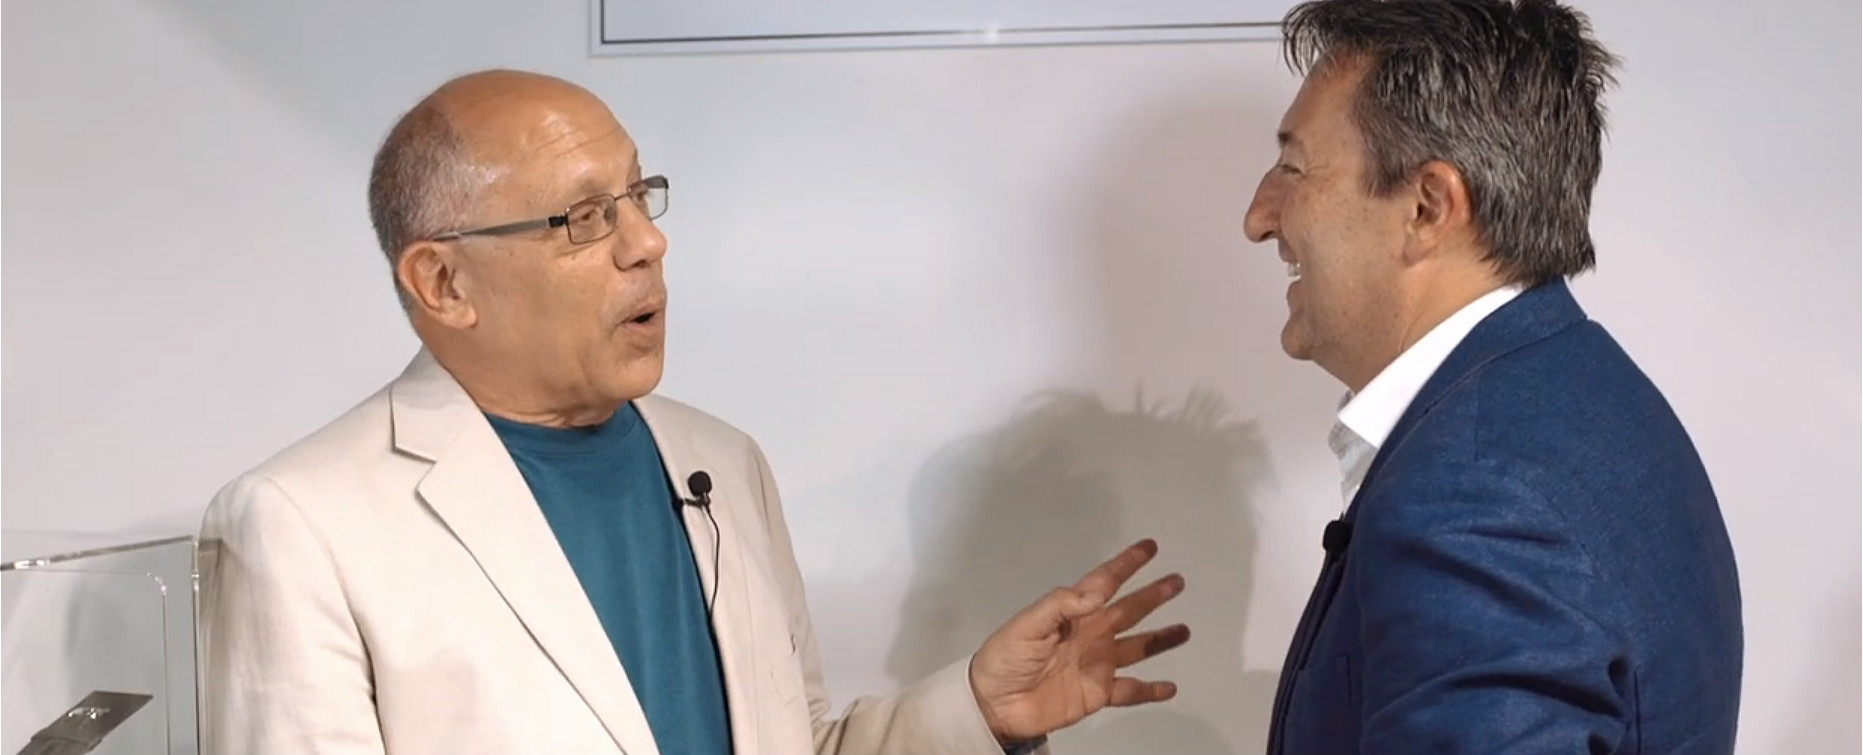 Michael Clerizo interviews Xavier de Roquemaurel of Czapek Geneve.